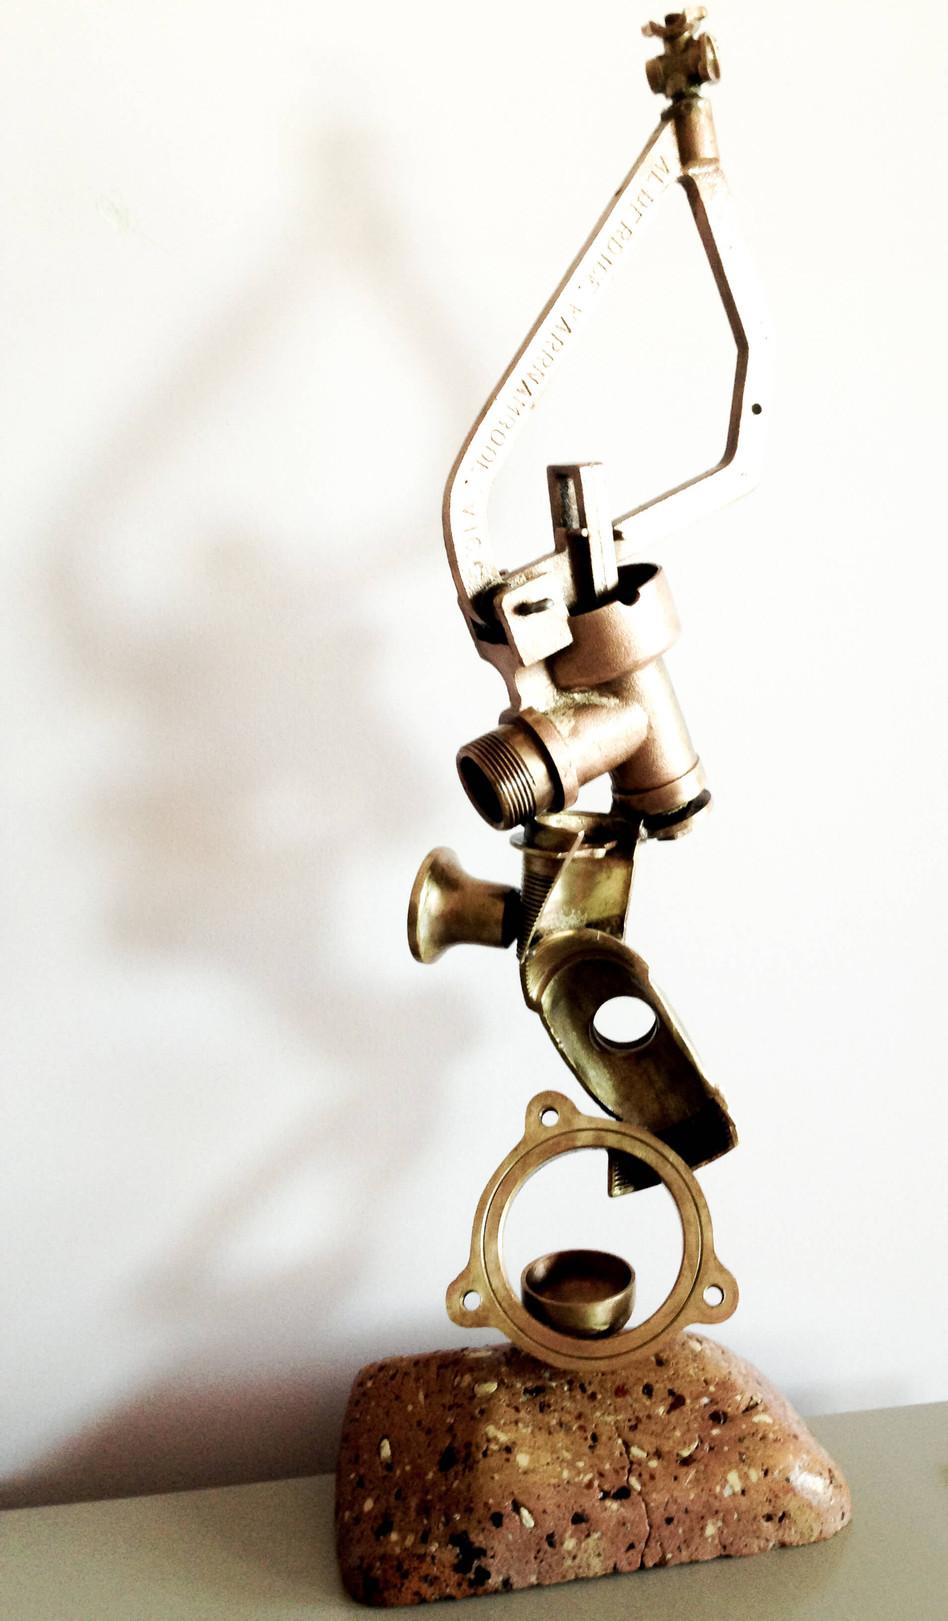 Assembled Brass Parts.jpg